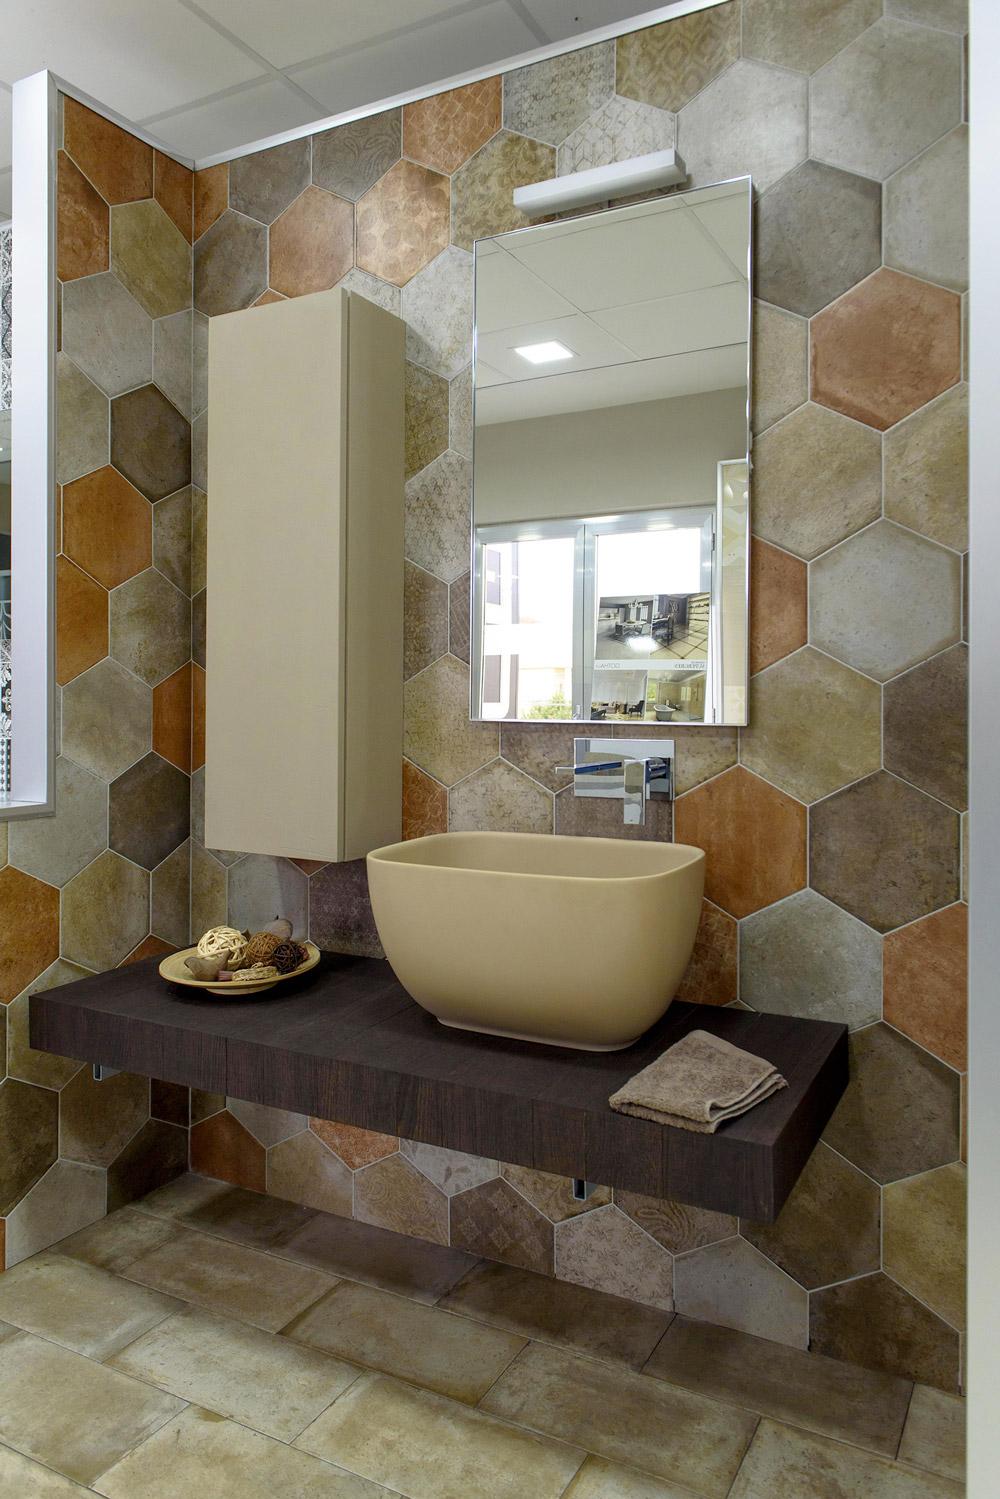 Showroom-miroma-ceramiche-arredobagno-aversa-caserta-napoli-4